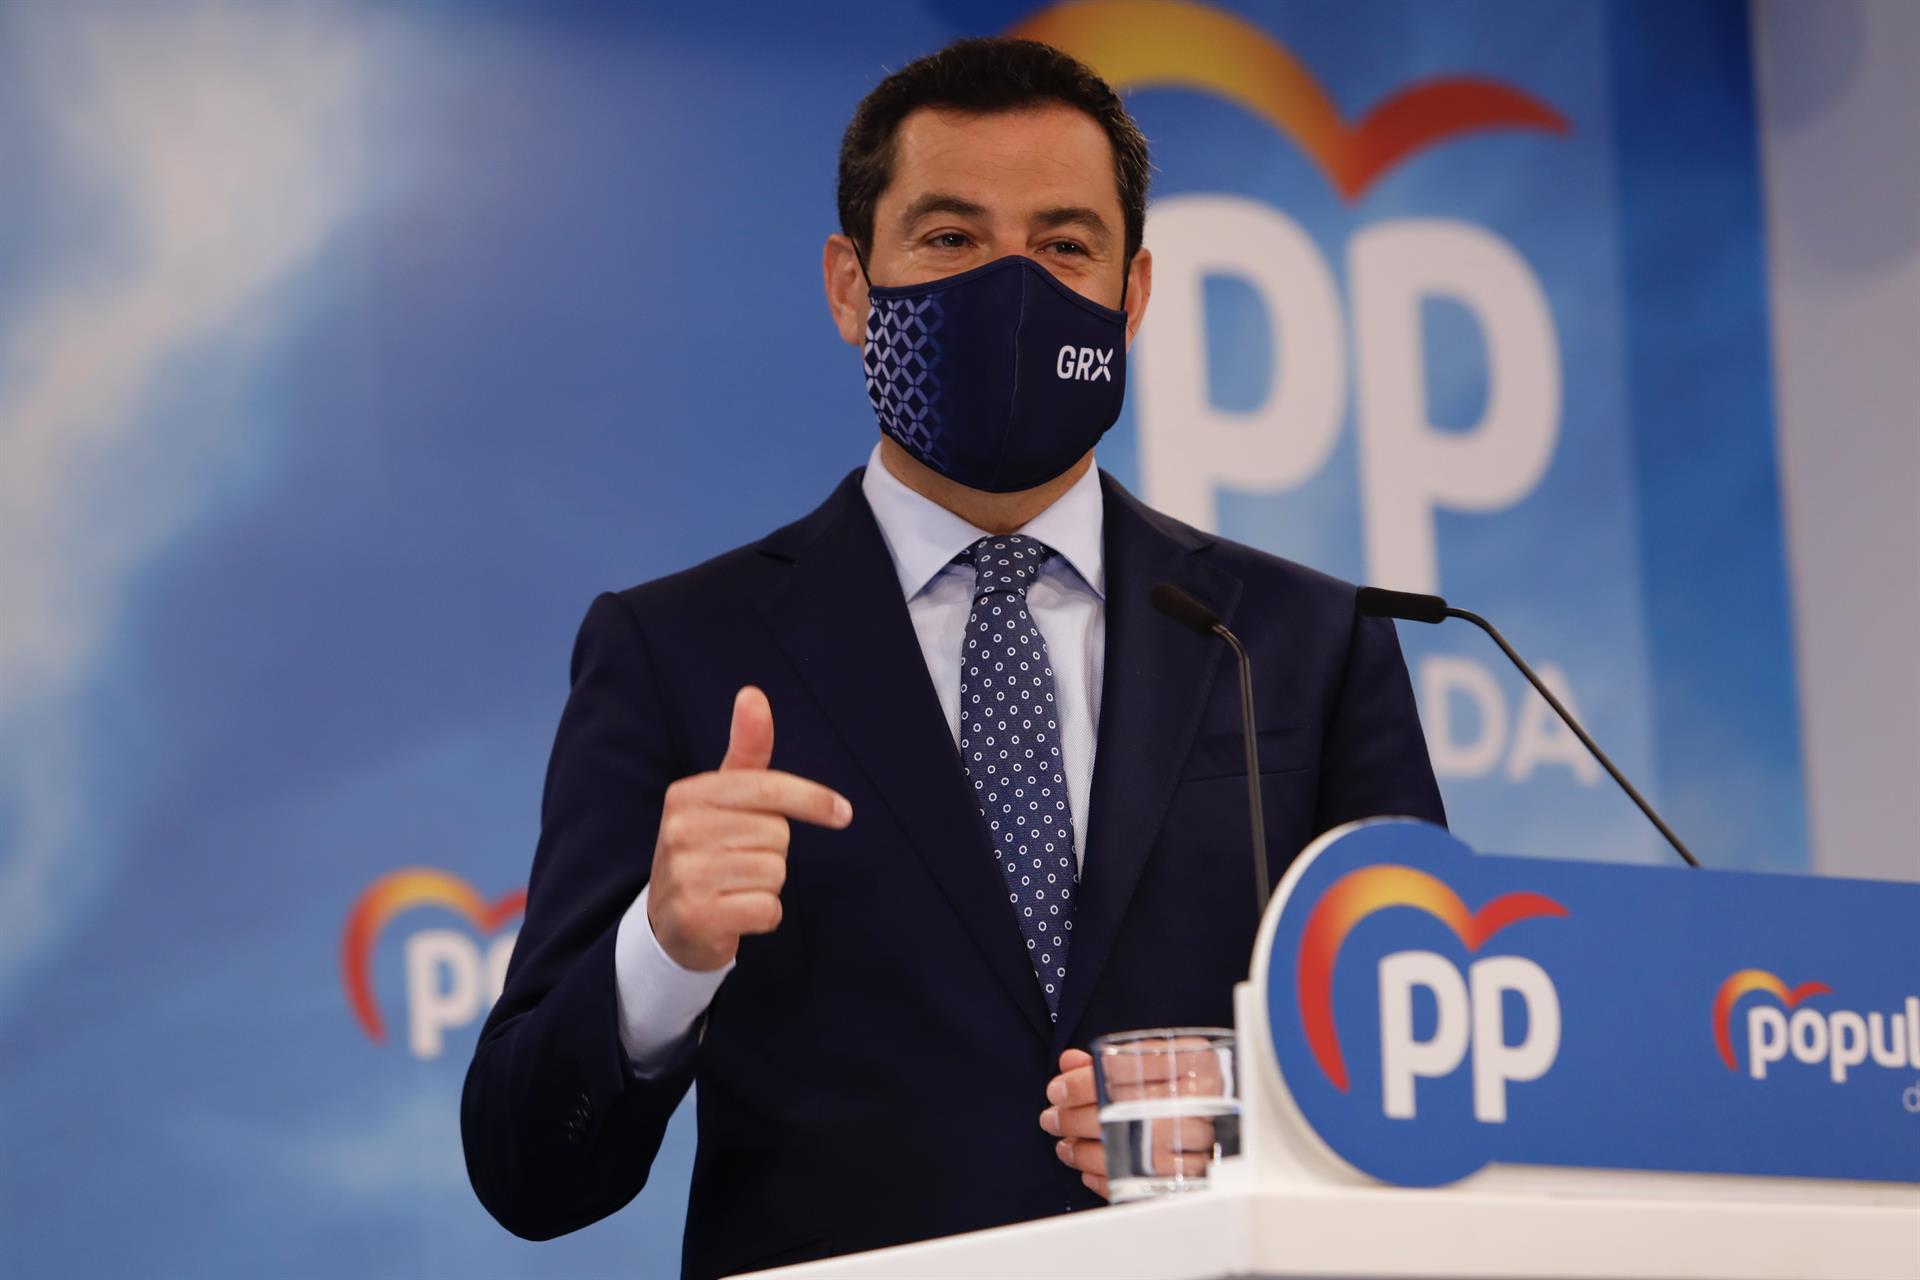 PP ganaría en Andalucía con 12,3 puntos sobre el PSOE y cerca de la mayoría absoluta, según un sondeo